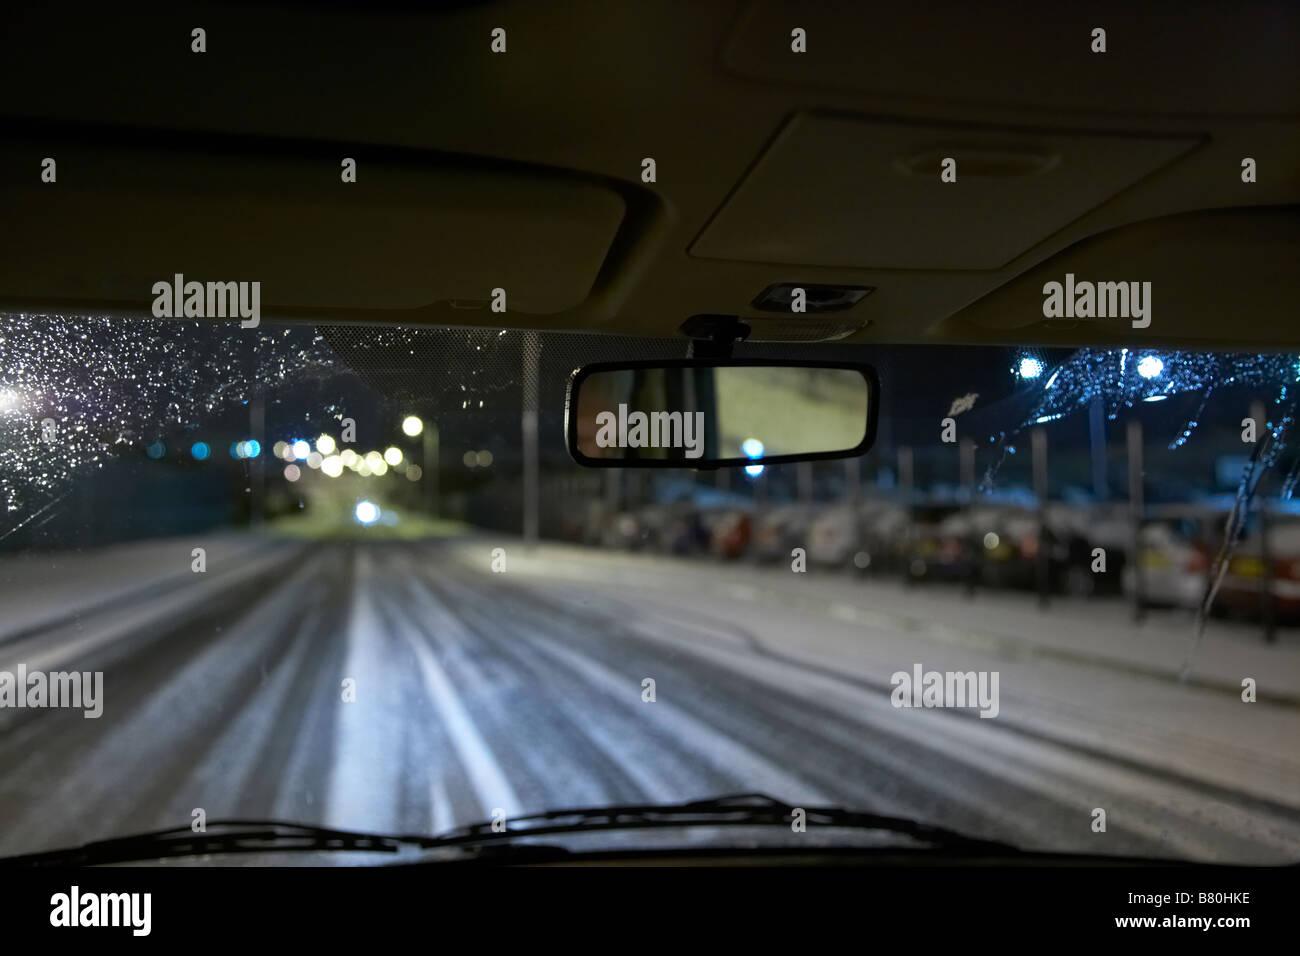 voiture roulant sur une route enneigée vide la nuit à l'intérieur le royaume-uni Banque D'Images